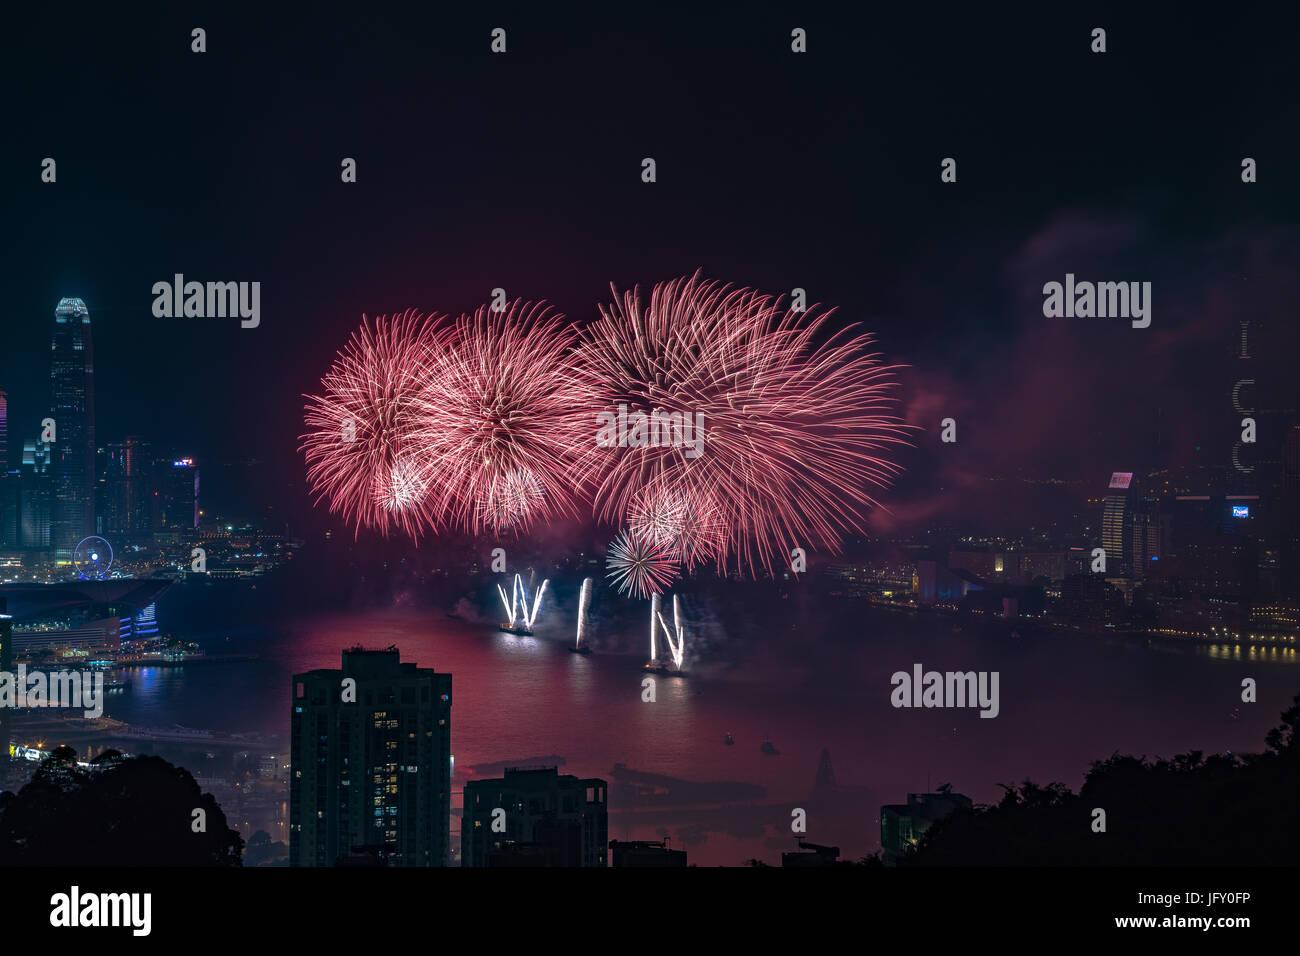 Fireworks at Victoria Harbour, Hong Kong. Commemorating 20th anniversary of Hong Kong handover to China. Credit: Stock Photo